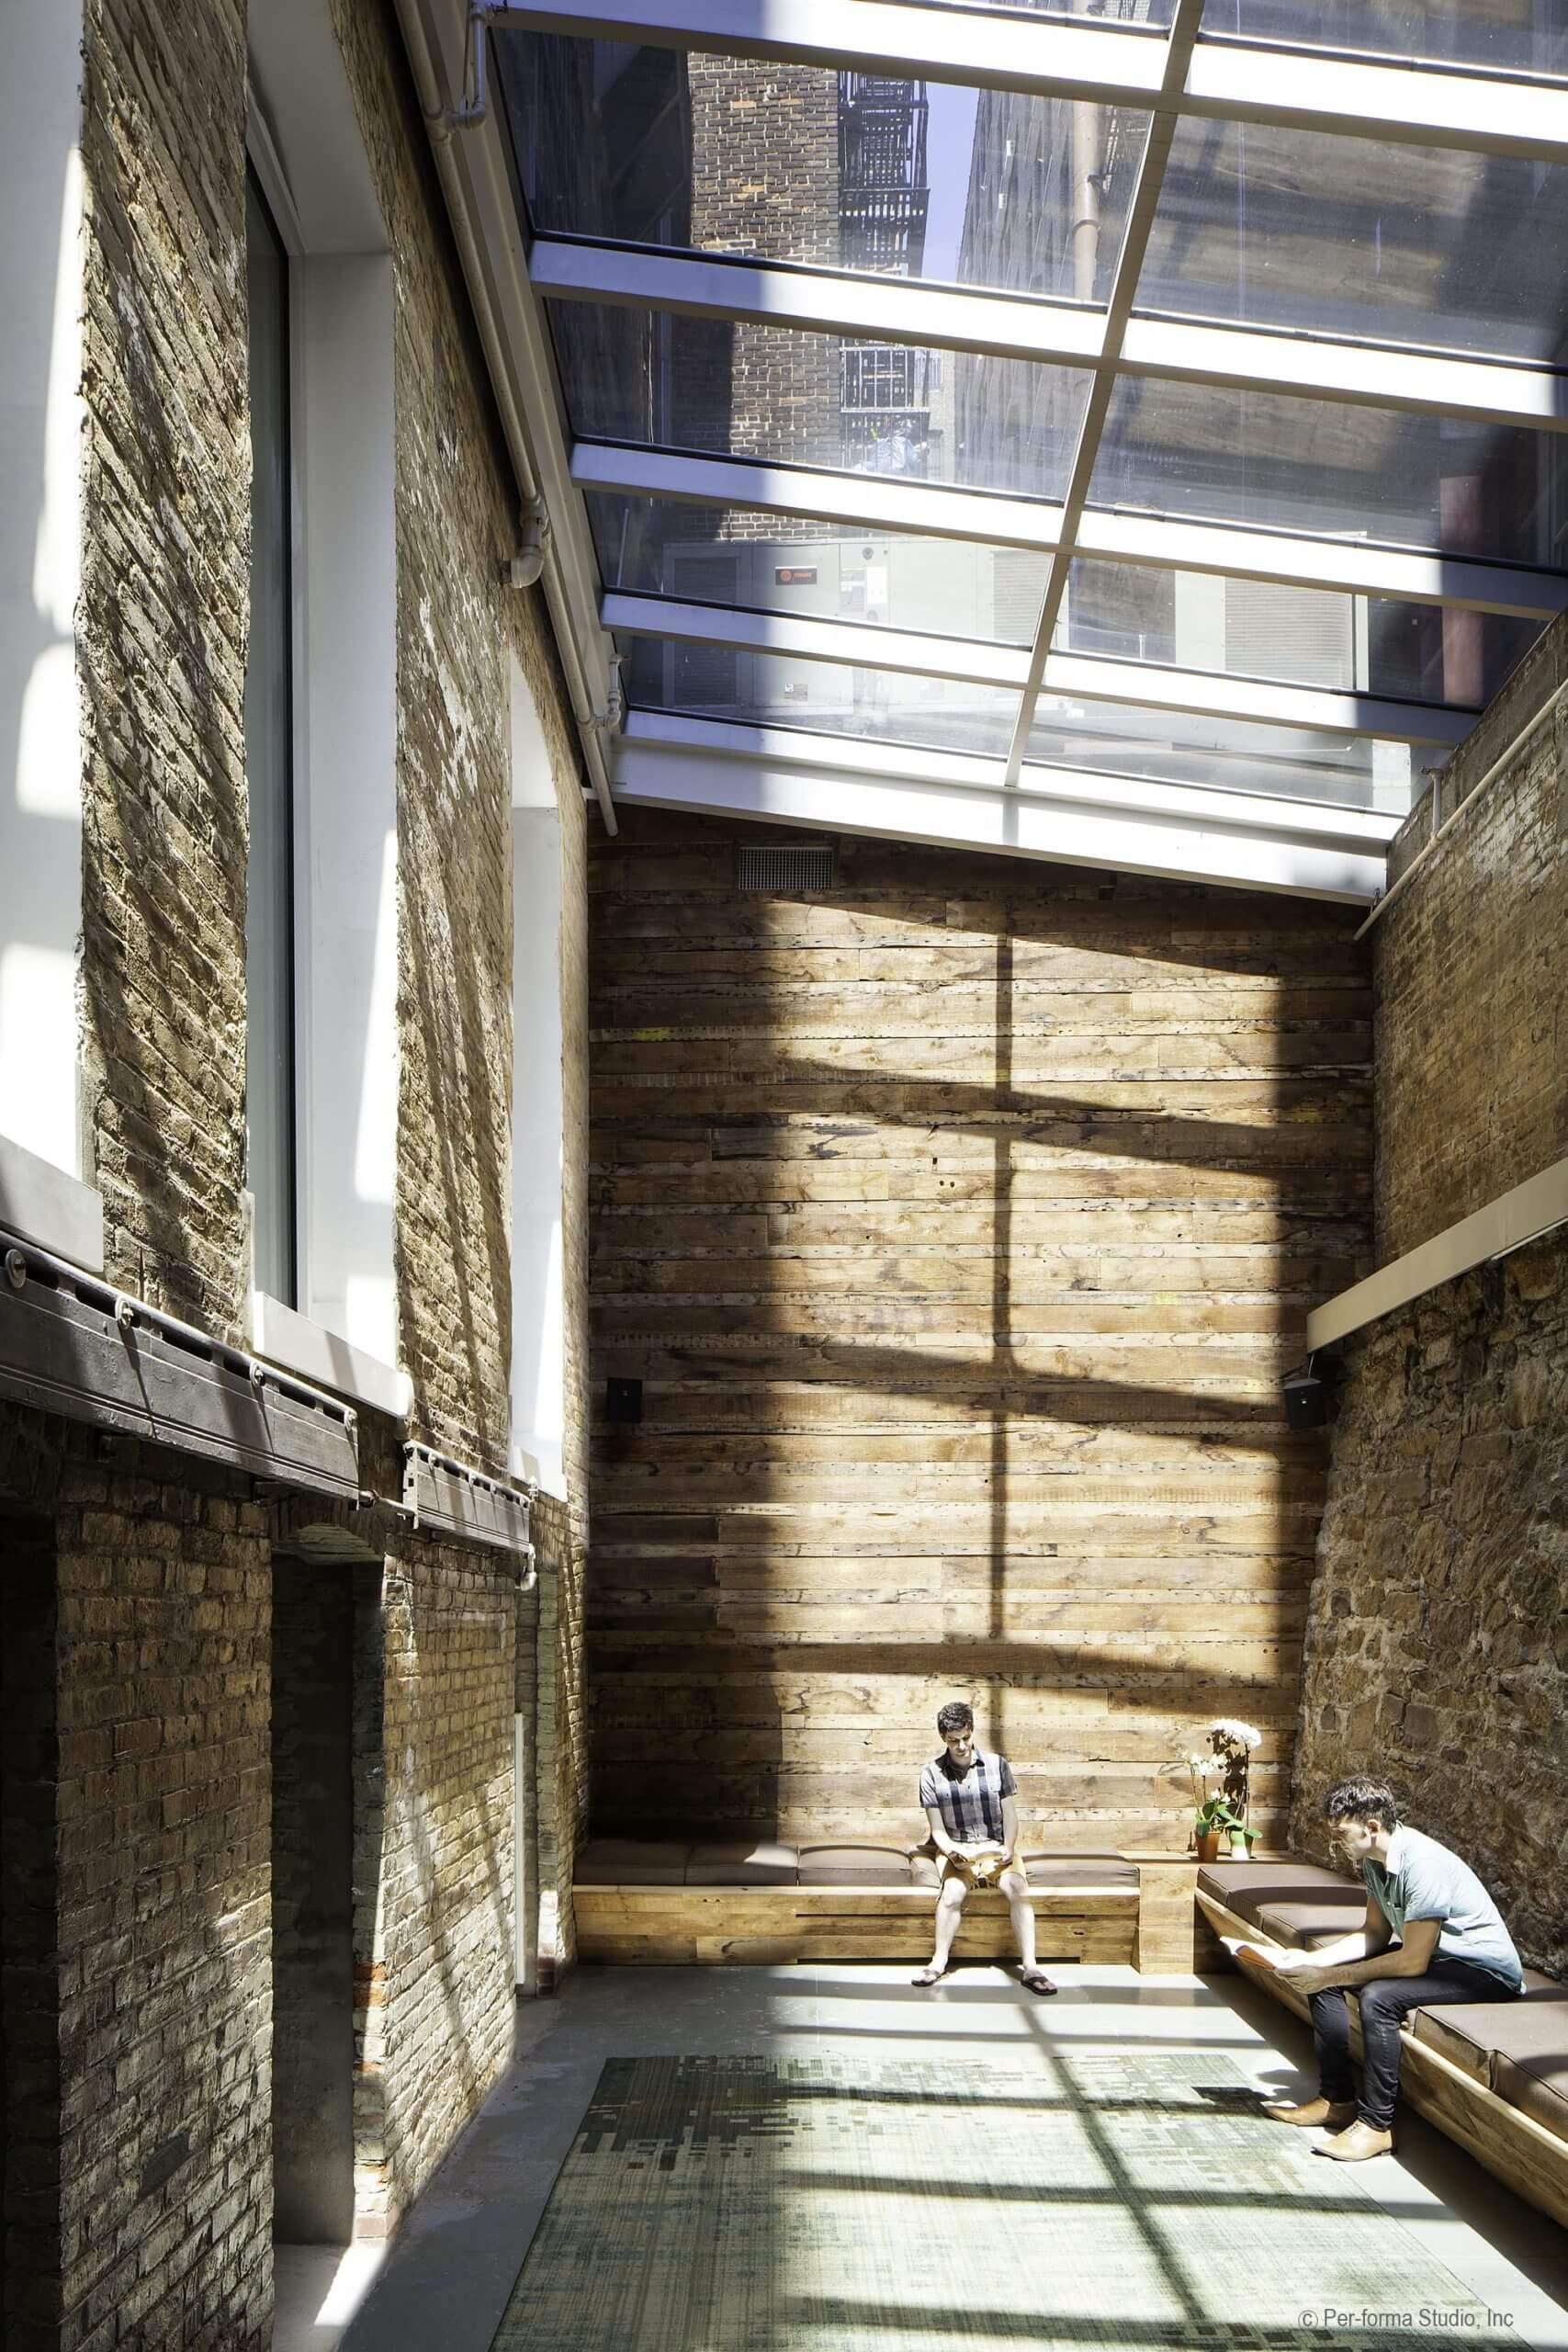 kadampa-meditation-center-nyc-atrium-quiet-space